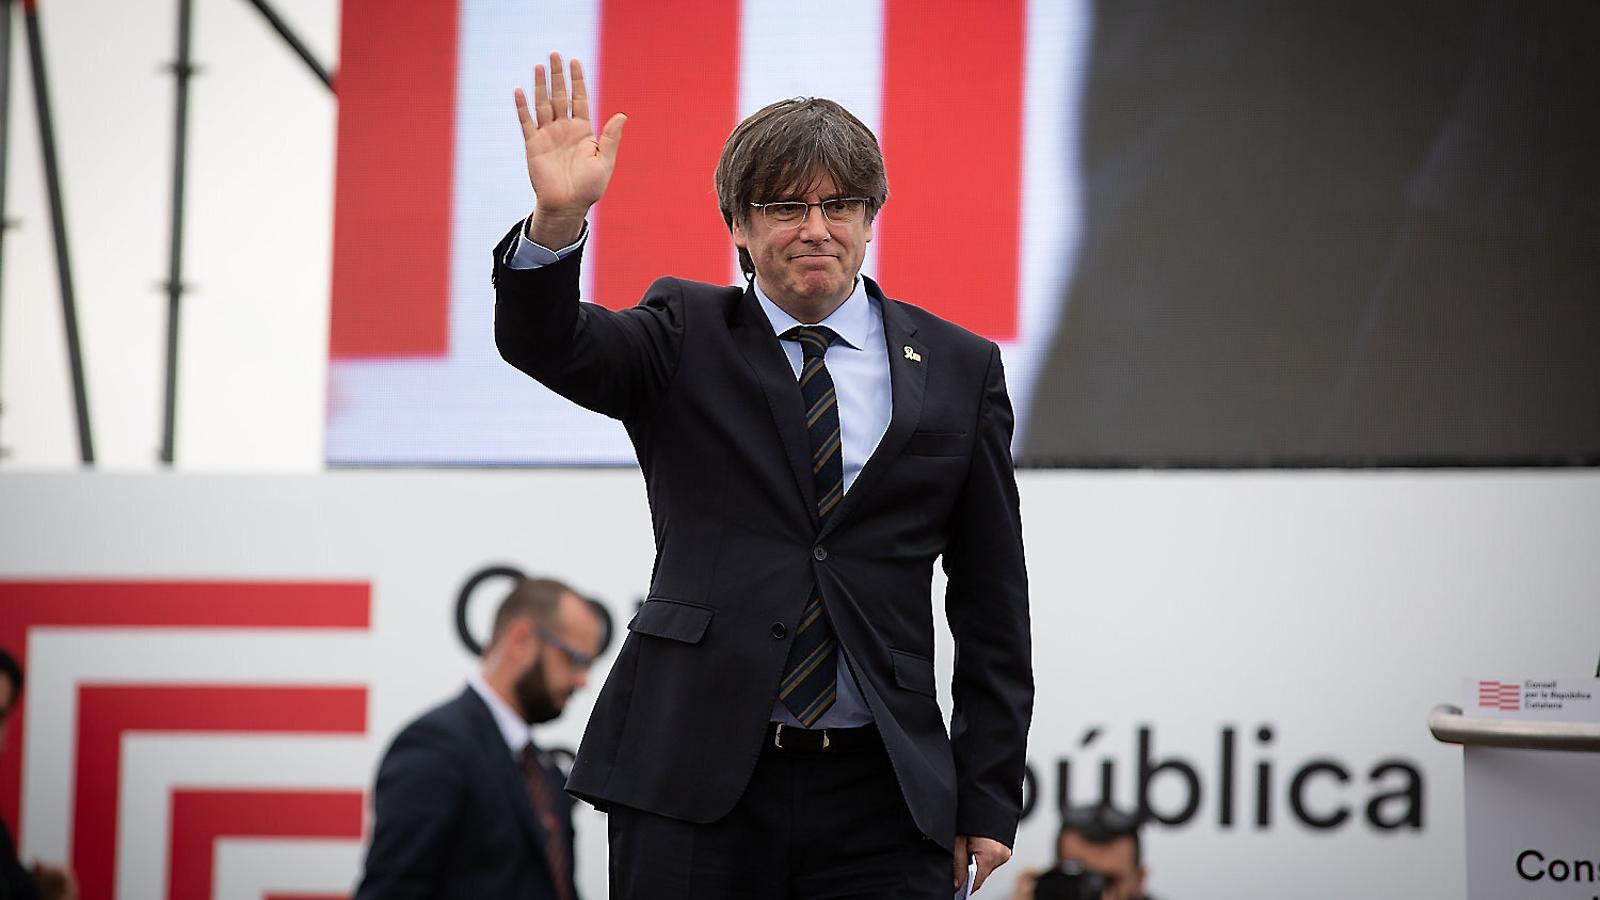 Inici del Congrés de Junts per Catalunya